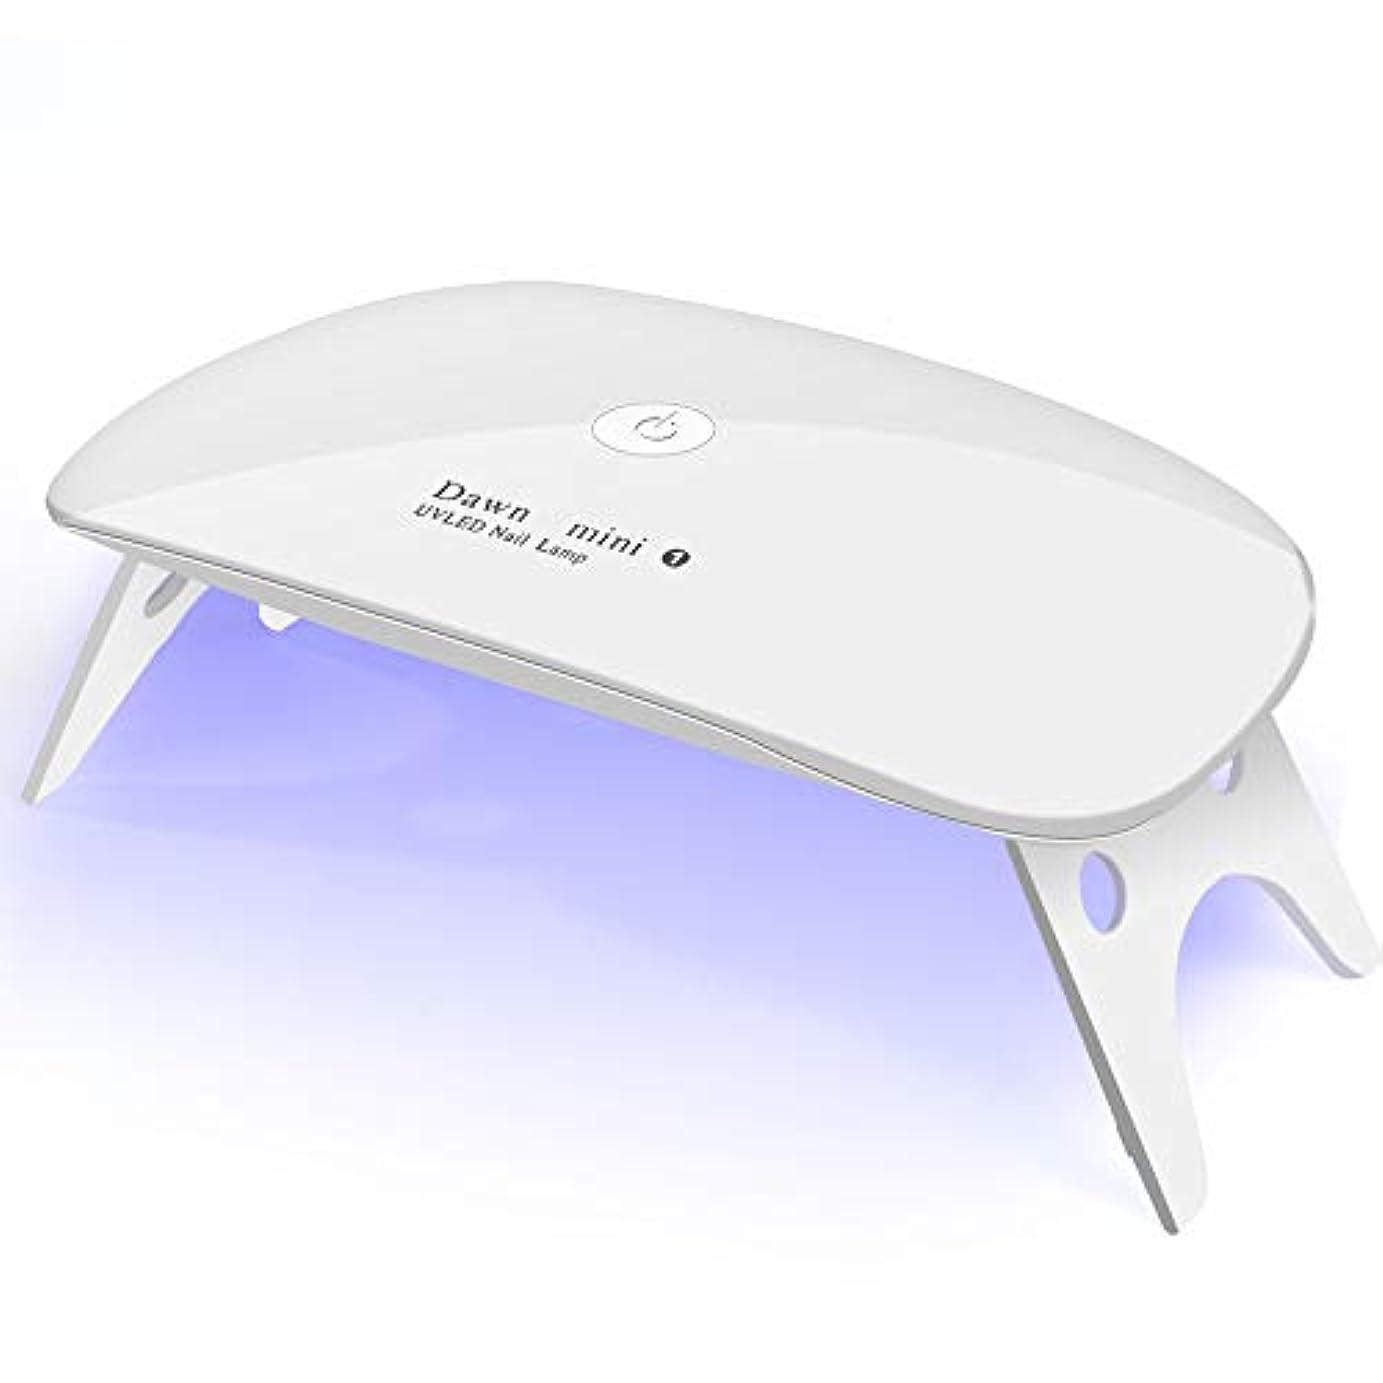 ビリーシャベル話をするUVライト LEDネイルドライヤー ジェルネイルLEDライト 硬化ライト タイマー設定可能 折りたたみ式手足とも使える 人感センサー式 UV と LEDダブルライト ジェルネイル用 (ホワイト )